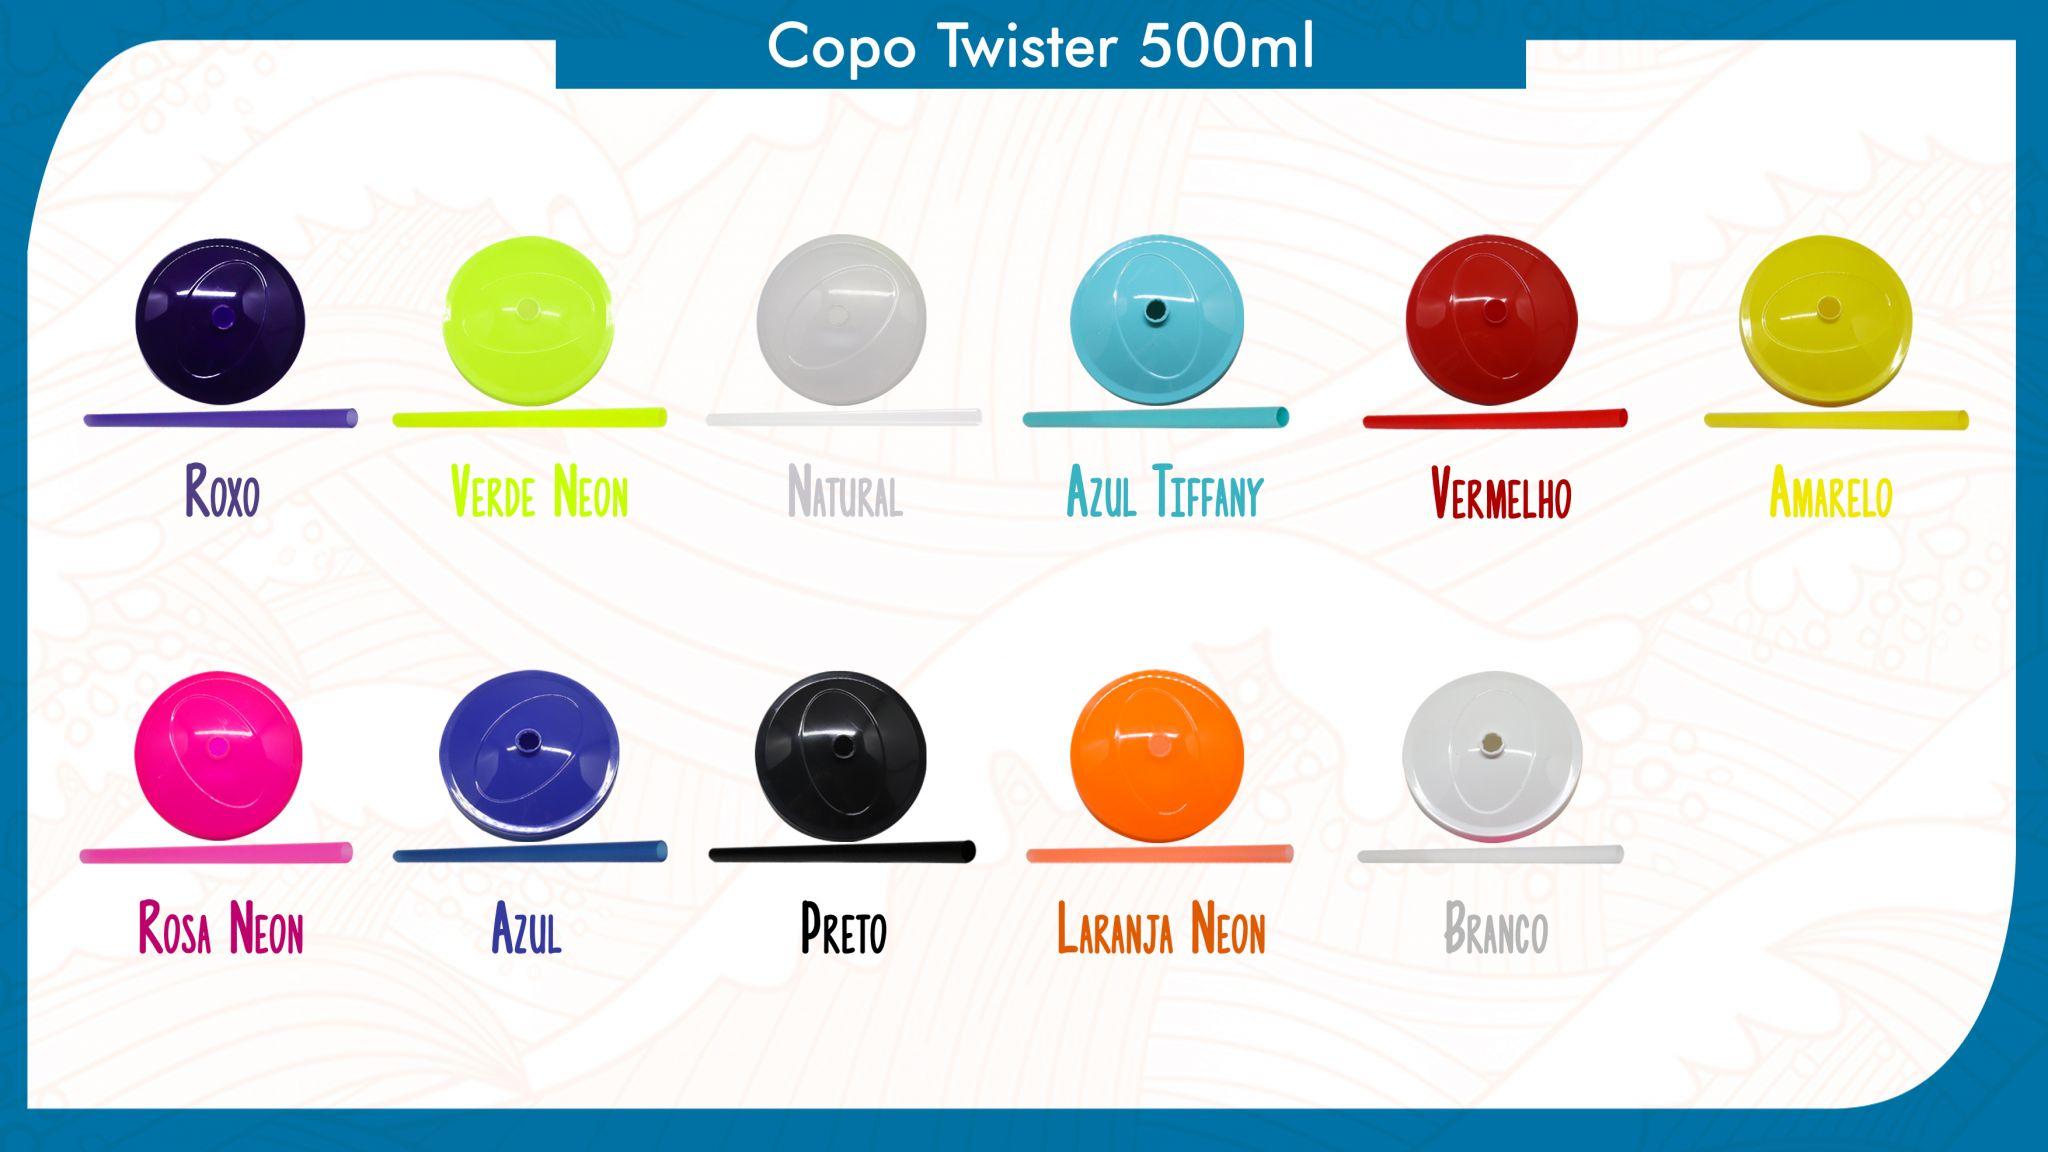 50 Copos Twister de 500ml personalizados - Modelos de tampa e canudo